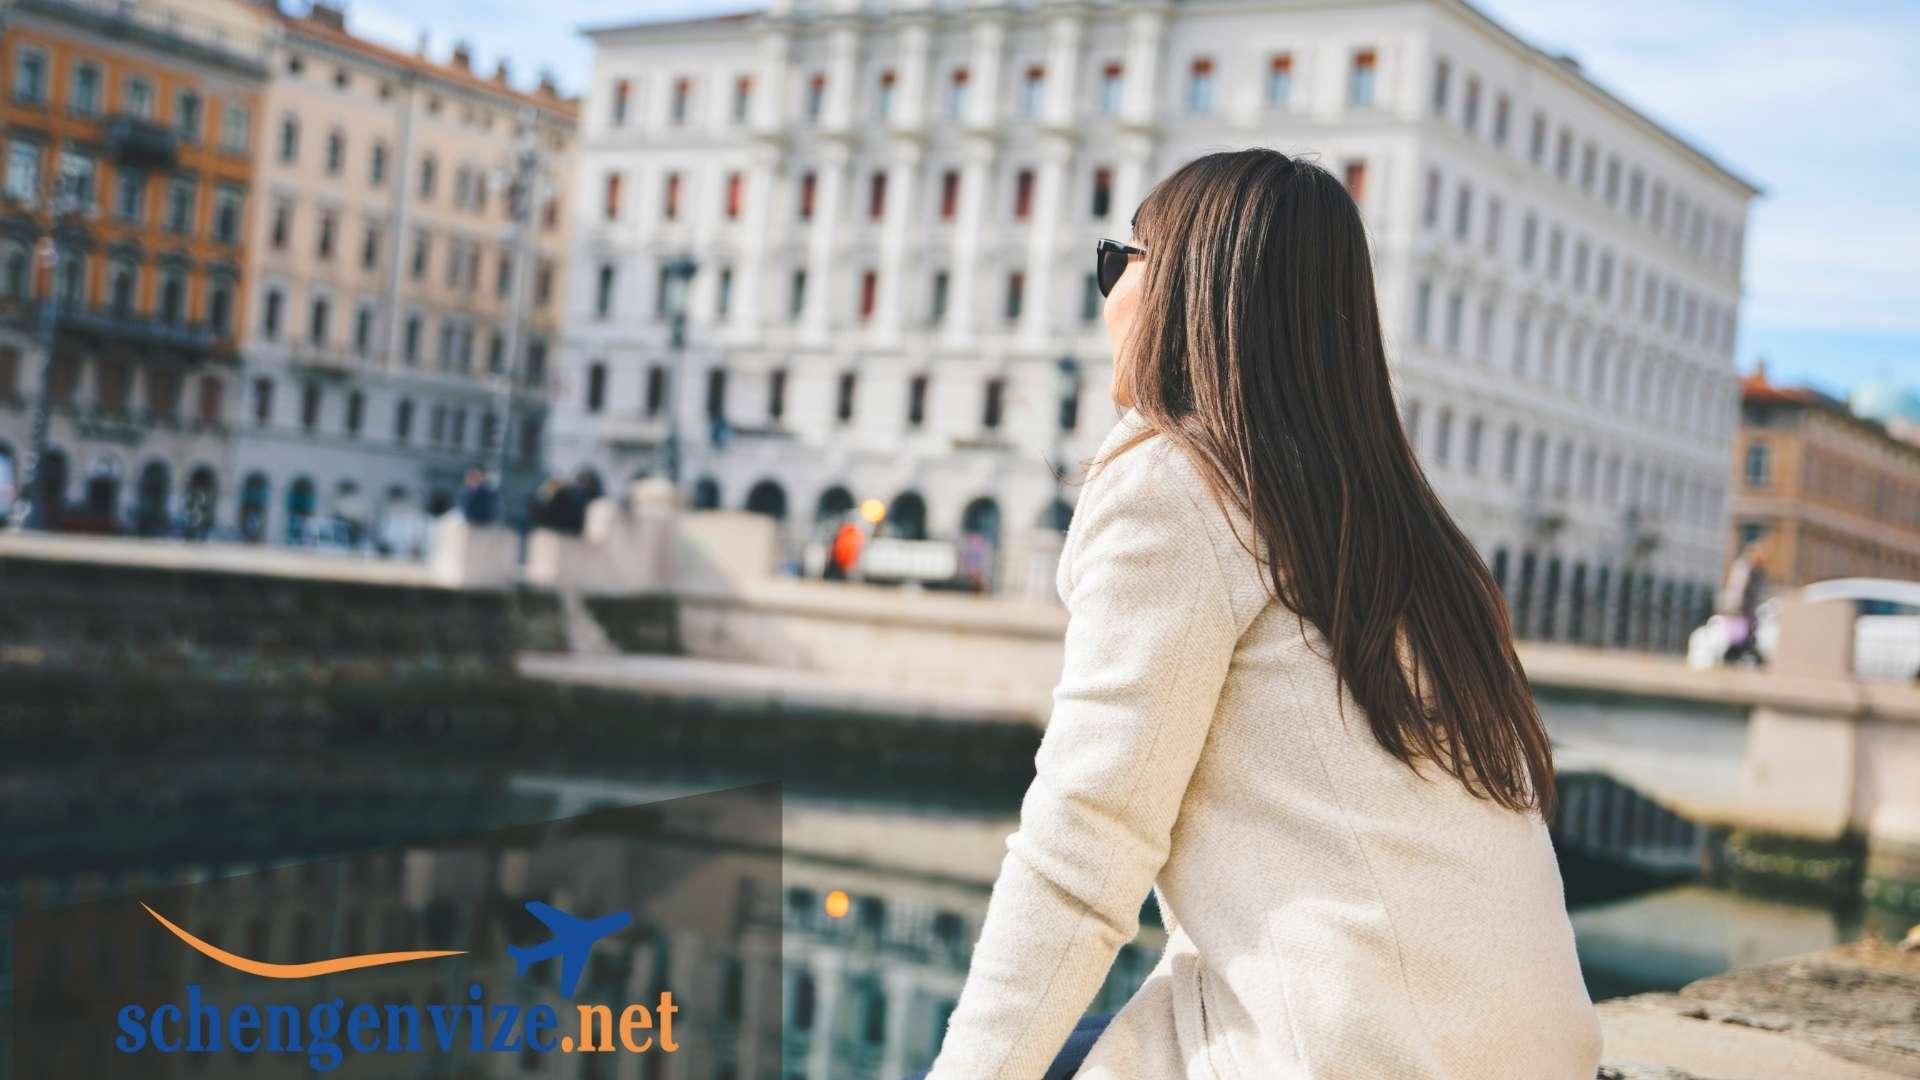 İtalya Turistik Vize İçin Dikkat Edilmesi Gereken Hususlar